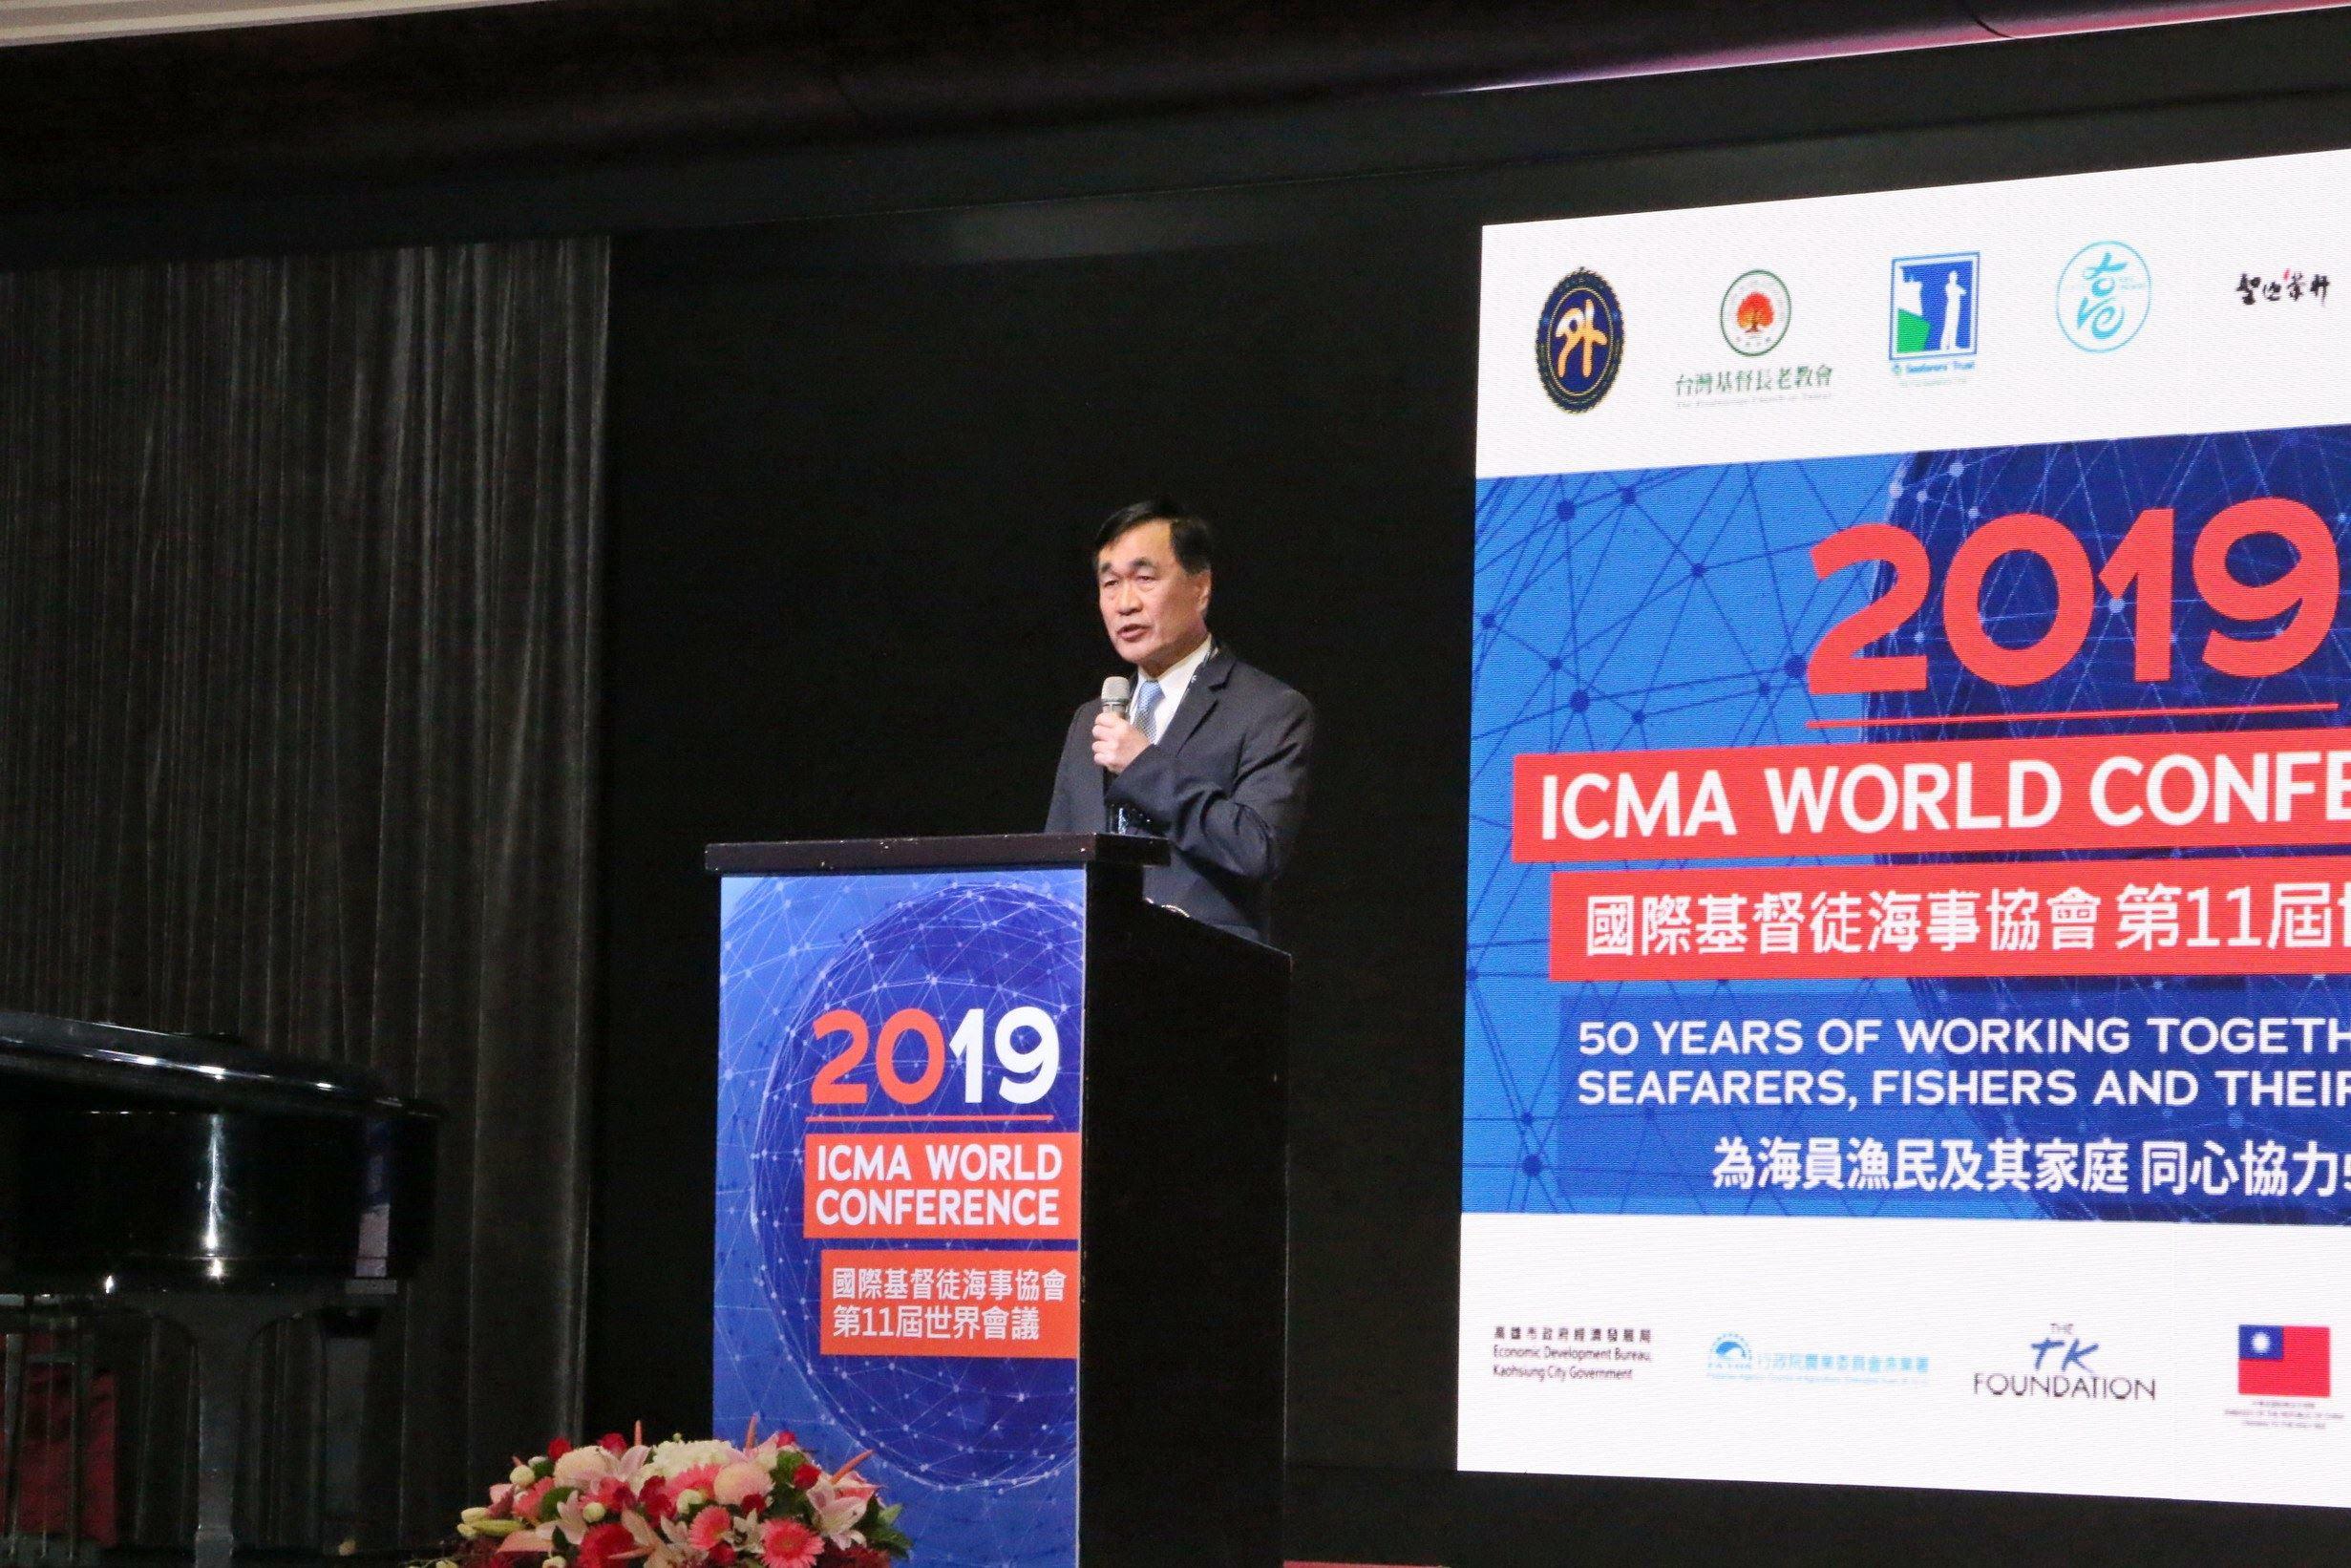 1081021 ICMA國際基督徒海事協會-第11屆世界會議開幕式_通稿01.jpg